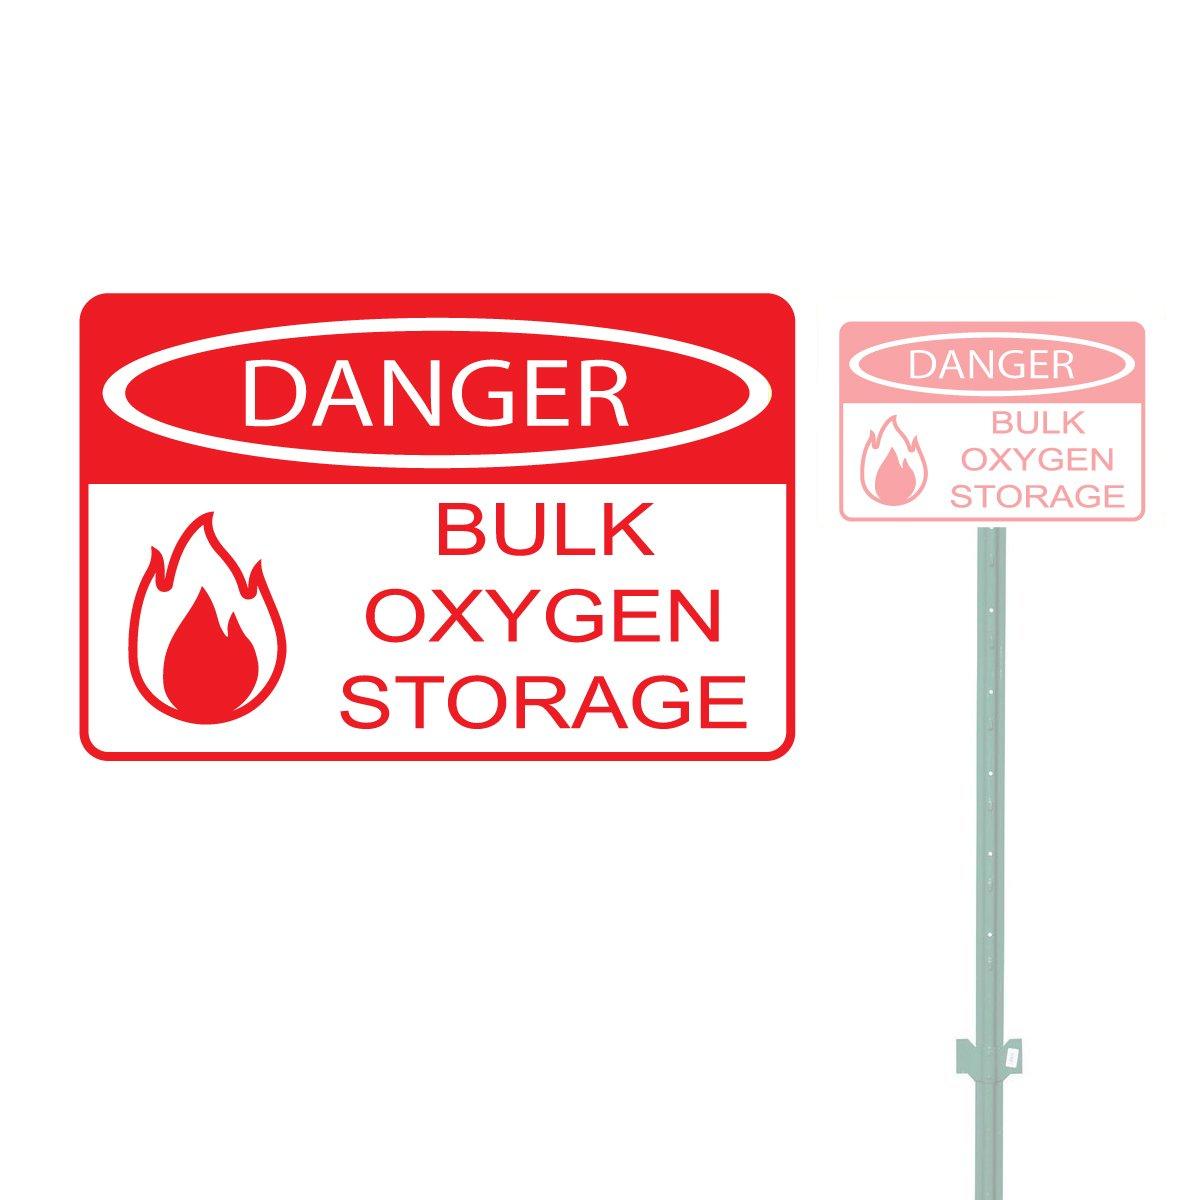 DANGER BULK OXYGEN STORAGE HEAVY DUTY ALUMINUM SIGN 10'' x 15''